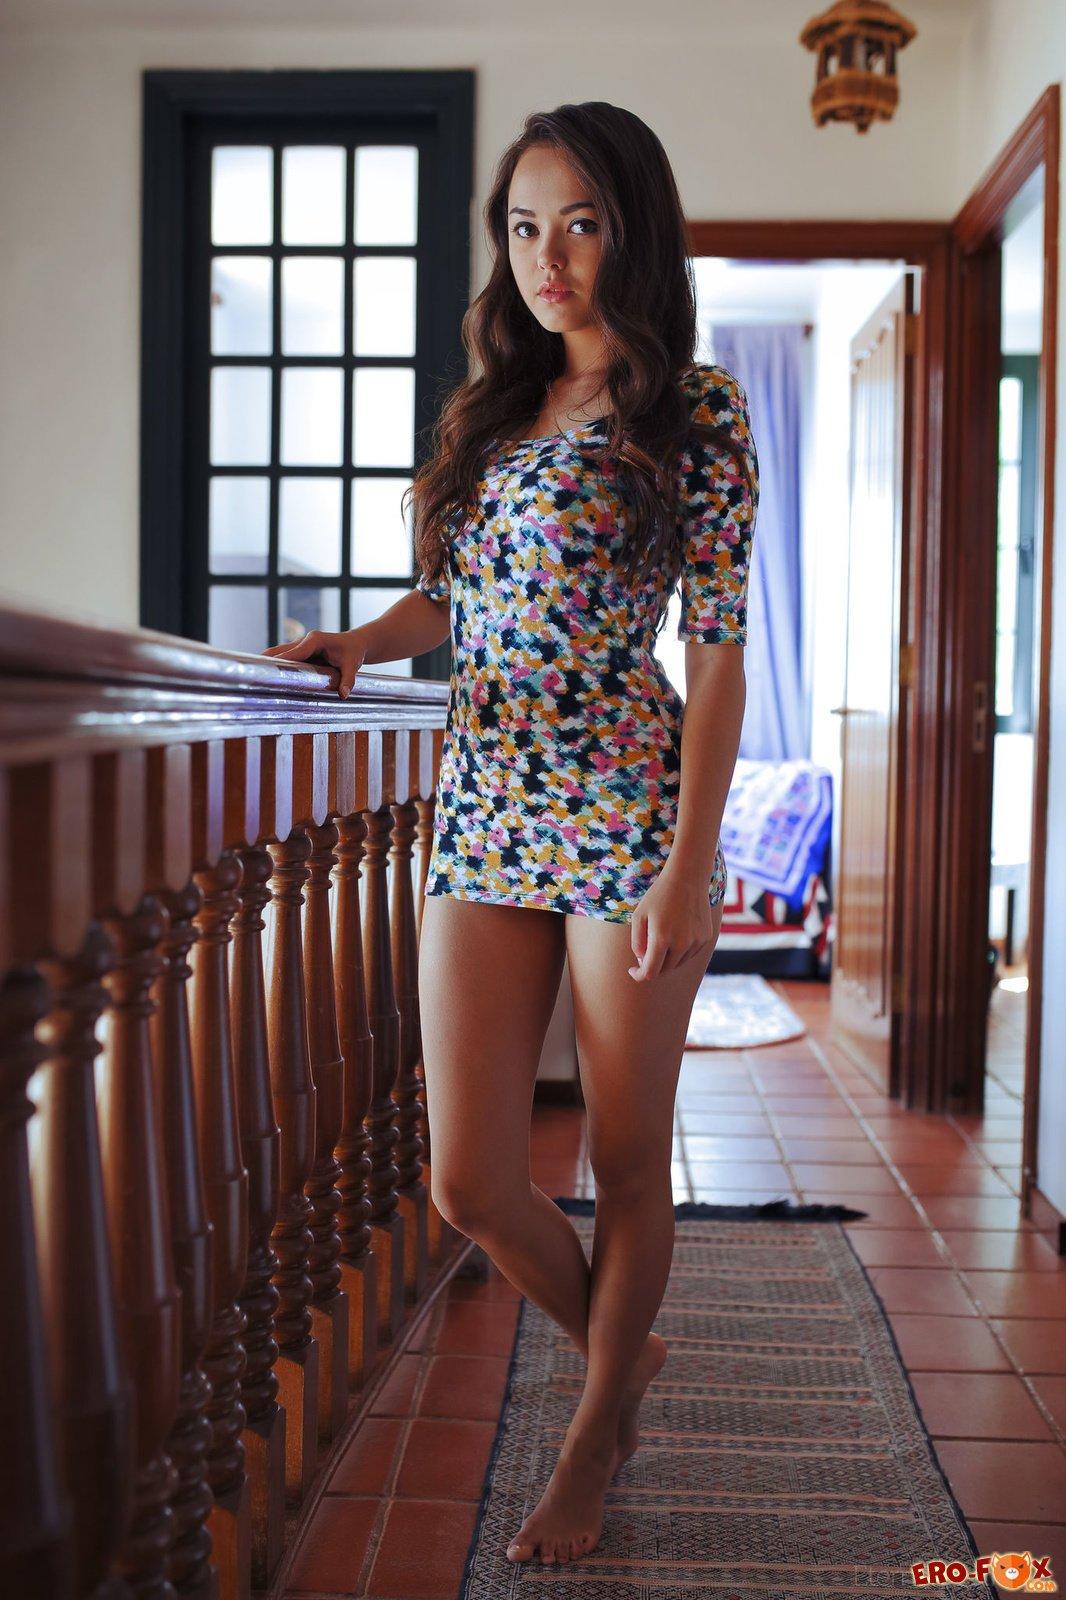 Стройная азиатка сняла короткое платье